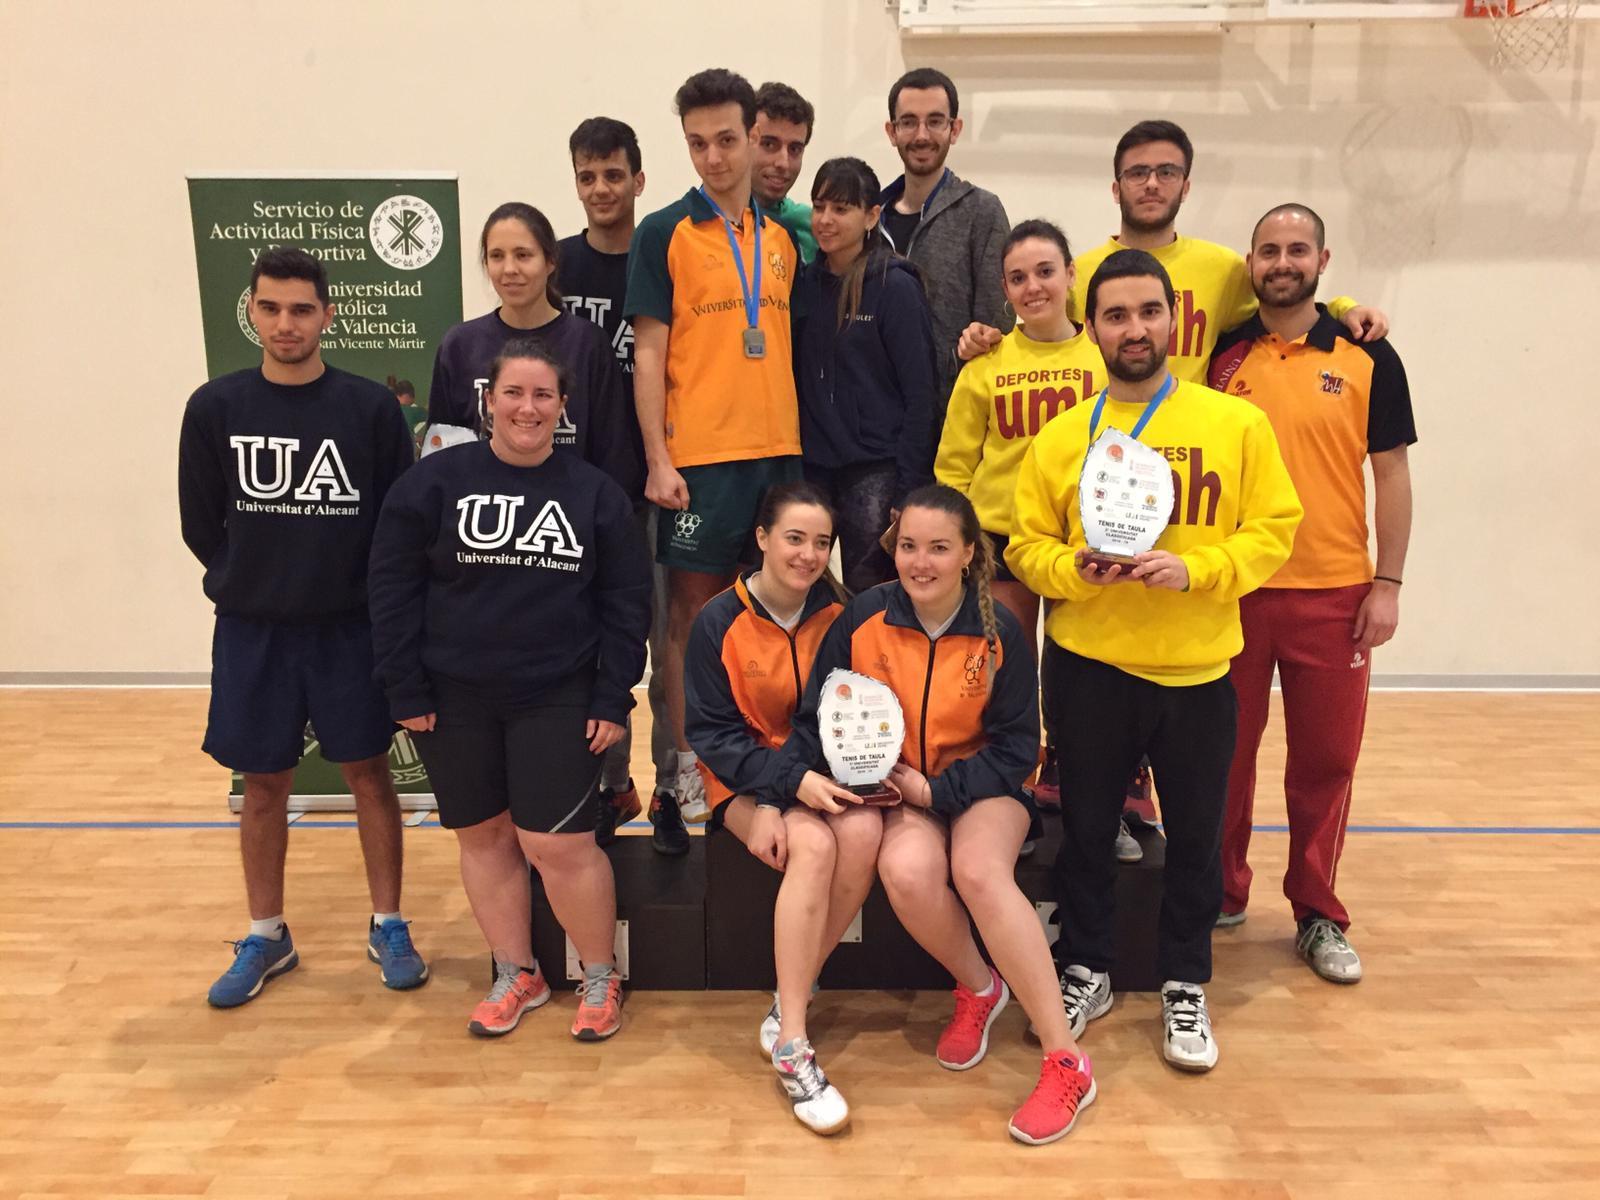 Carolina Enguix junto con otras selecciones universitarias